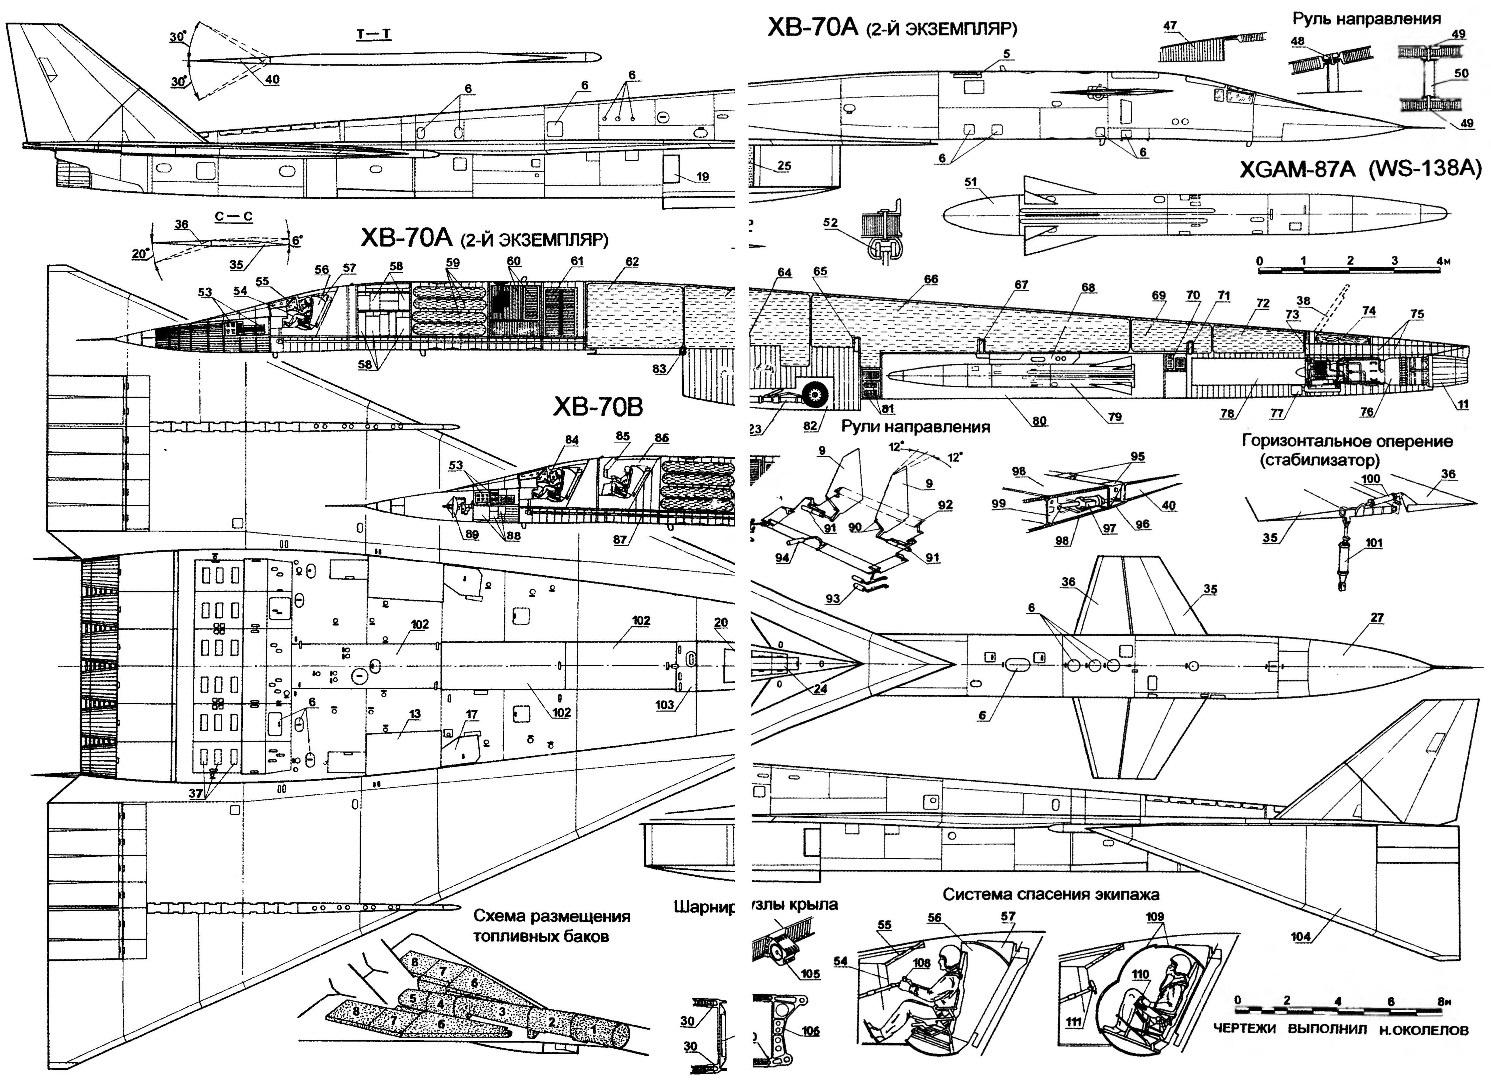 Экспериментальный сверхзвуковой бомбардировщик ХВ-70 «Валькирия»